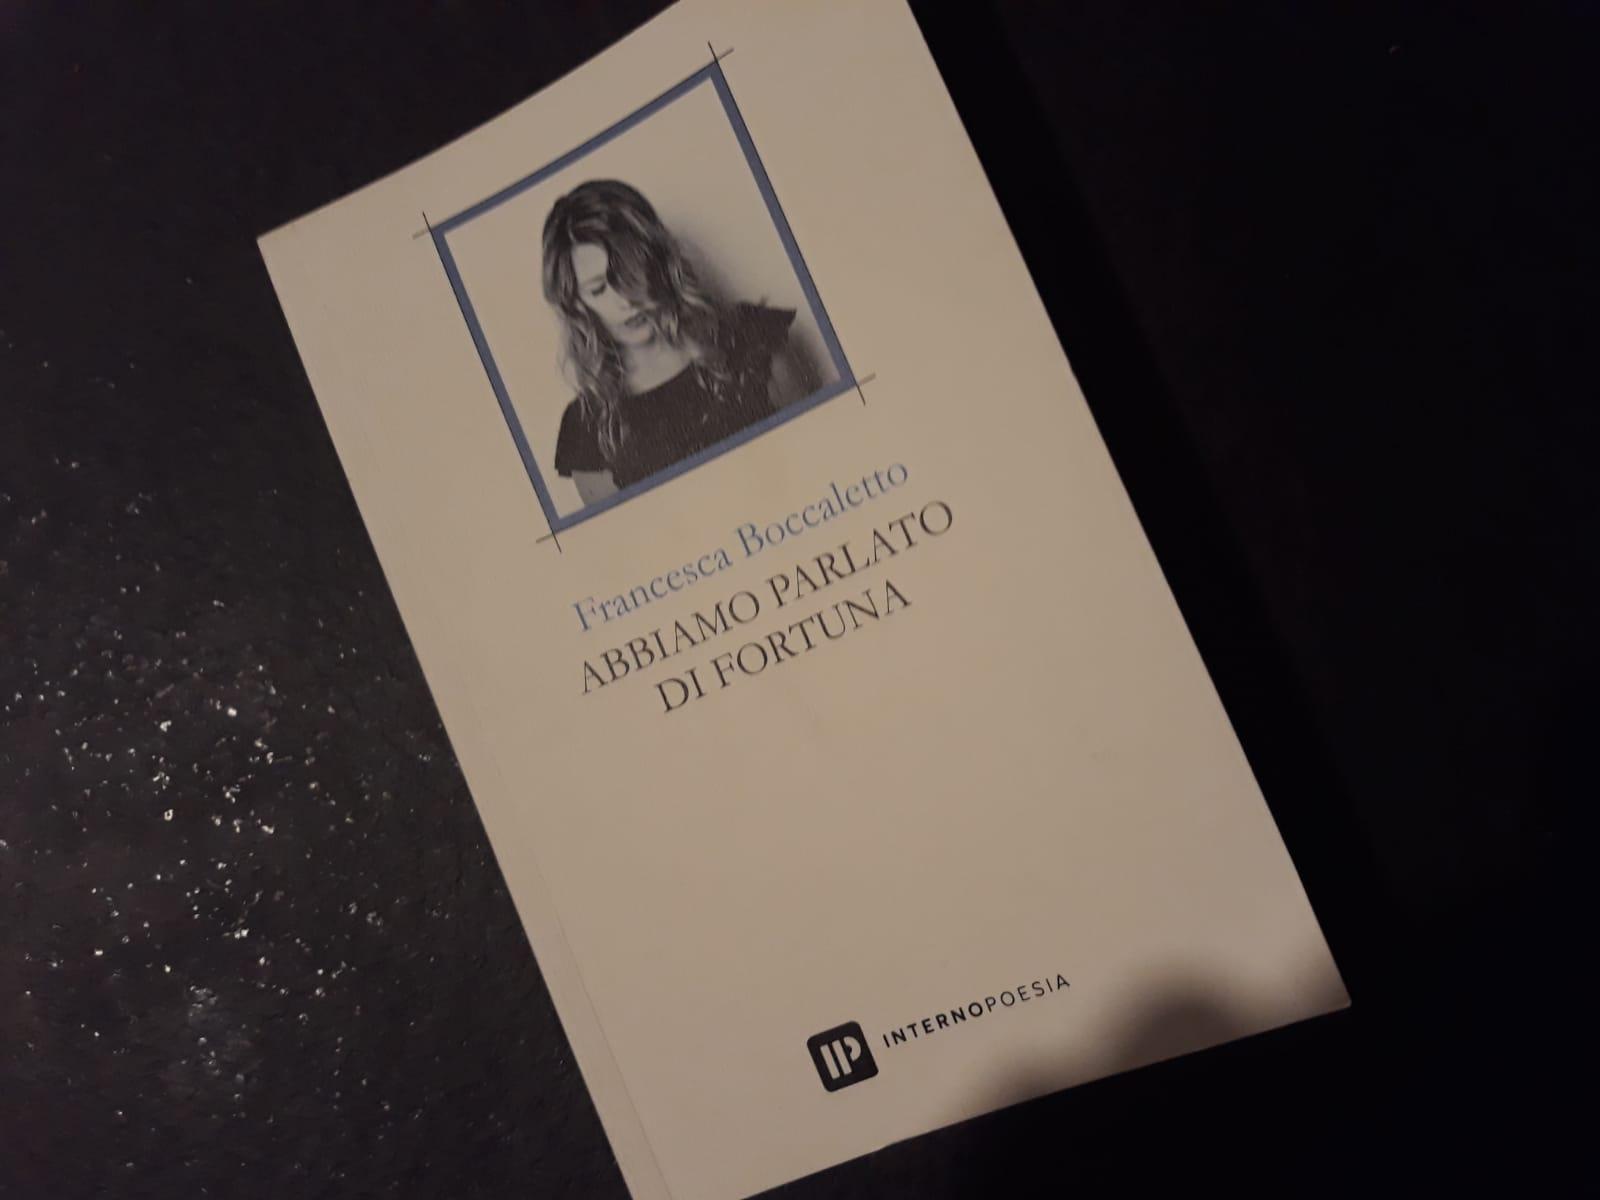 La copertina del libro della poetessa veneta Francesca Boccaletto